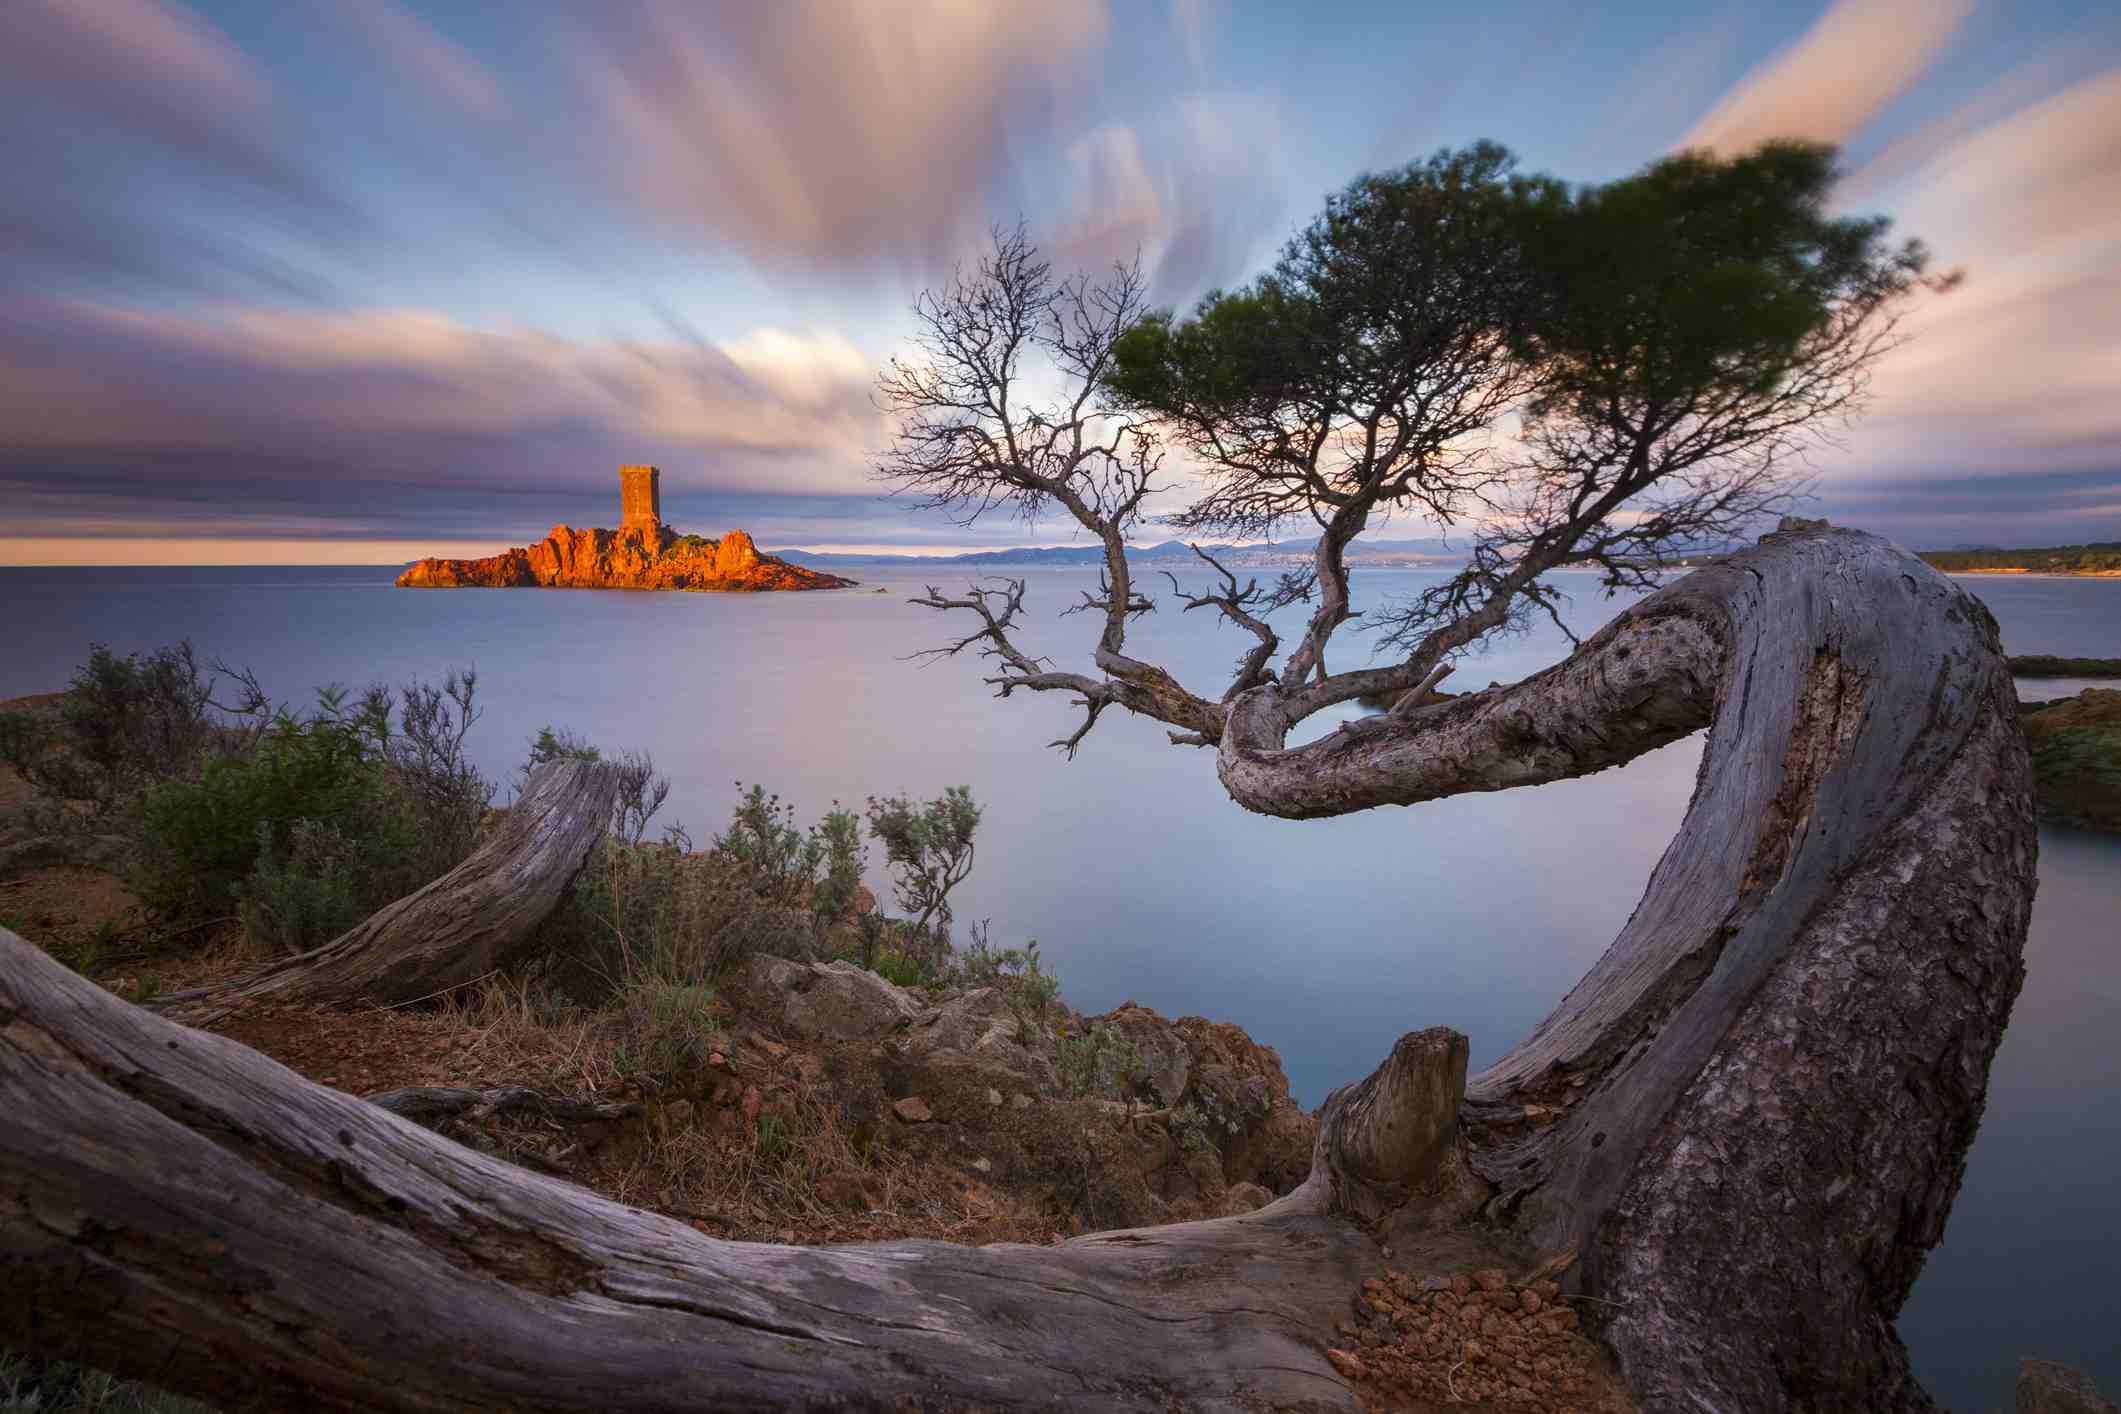 France, Var, Corniche de l'Esterel, Saint Raphael, tortuous pine tree of the Cap du Dramont in front of the Ile d'Or